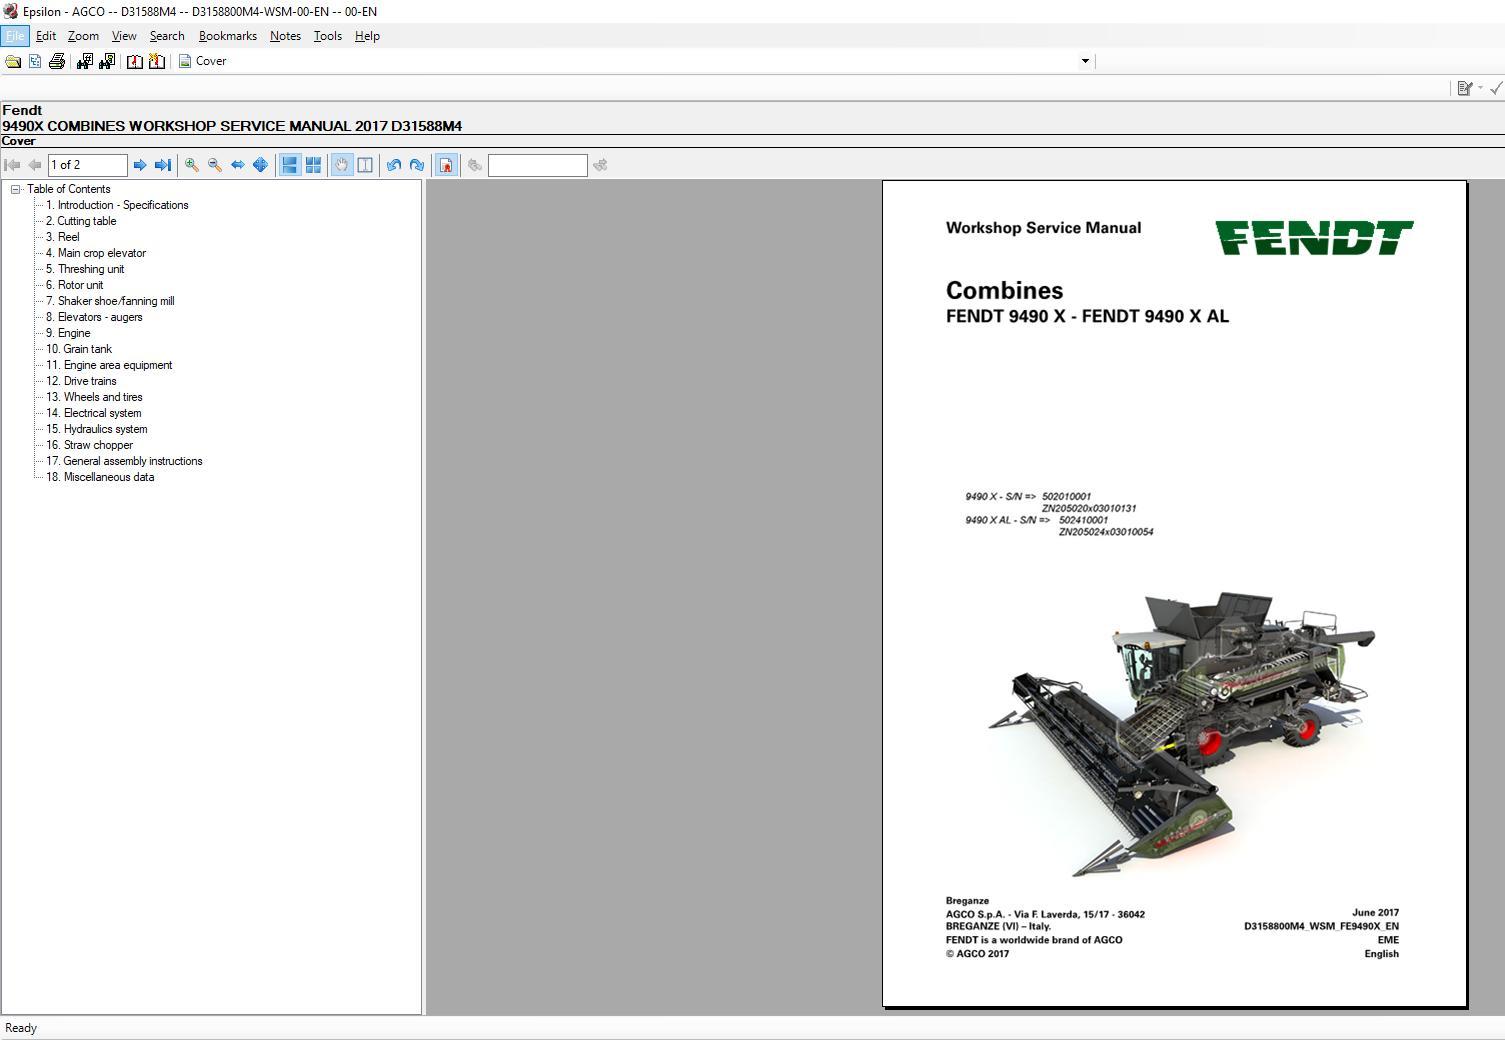 Fendt_AU_AG_052019_Part_Book_Workshop_Service_Manuals7